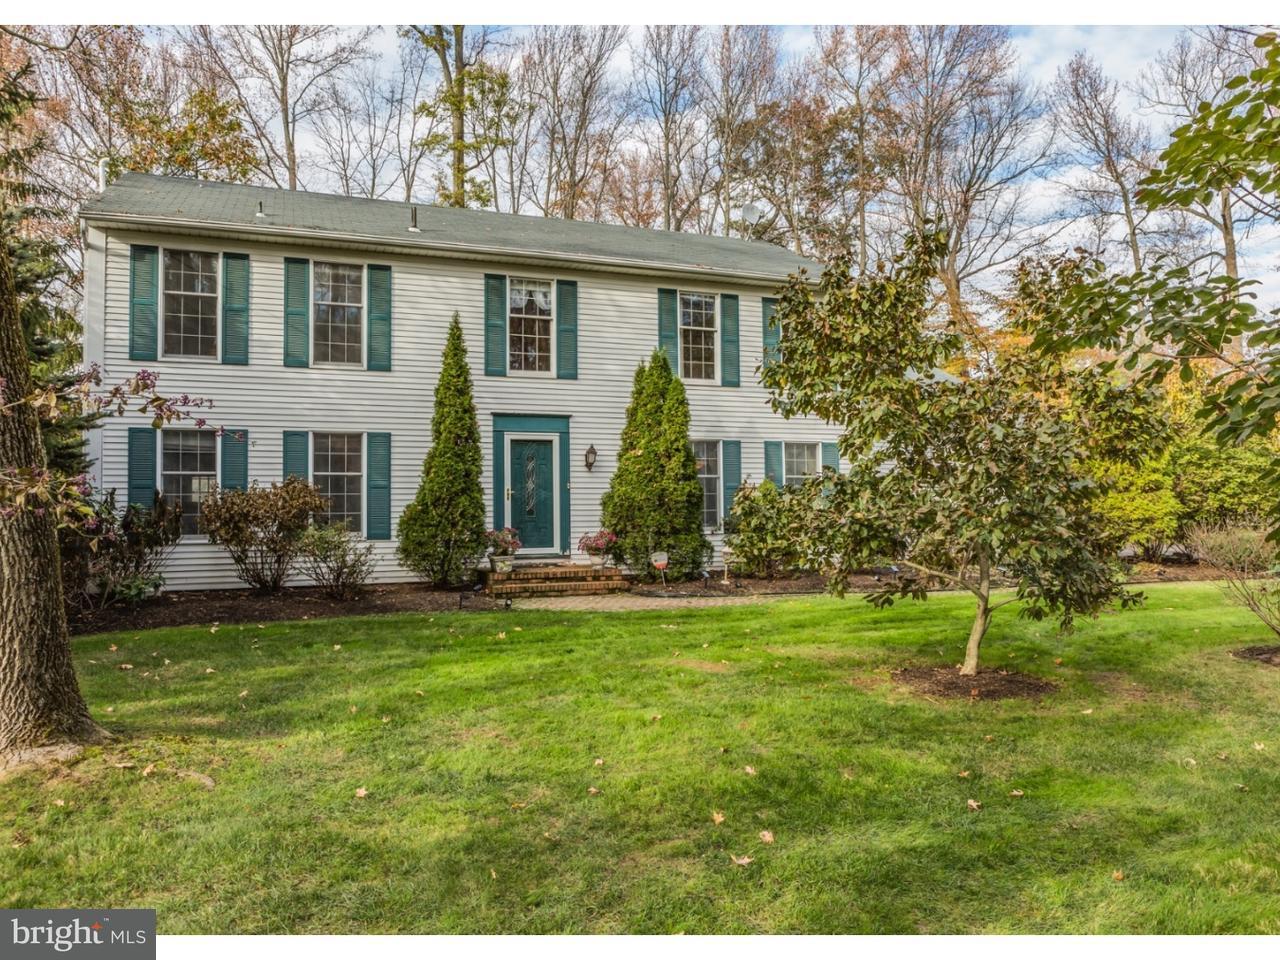 Casa Unifamiliar por un Venta en 24 BALSAM Court Lawrenceville, Nueva Jersey 08648 Estados UnidosEn/Alrededor: Lawrence Township